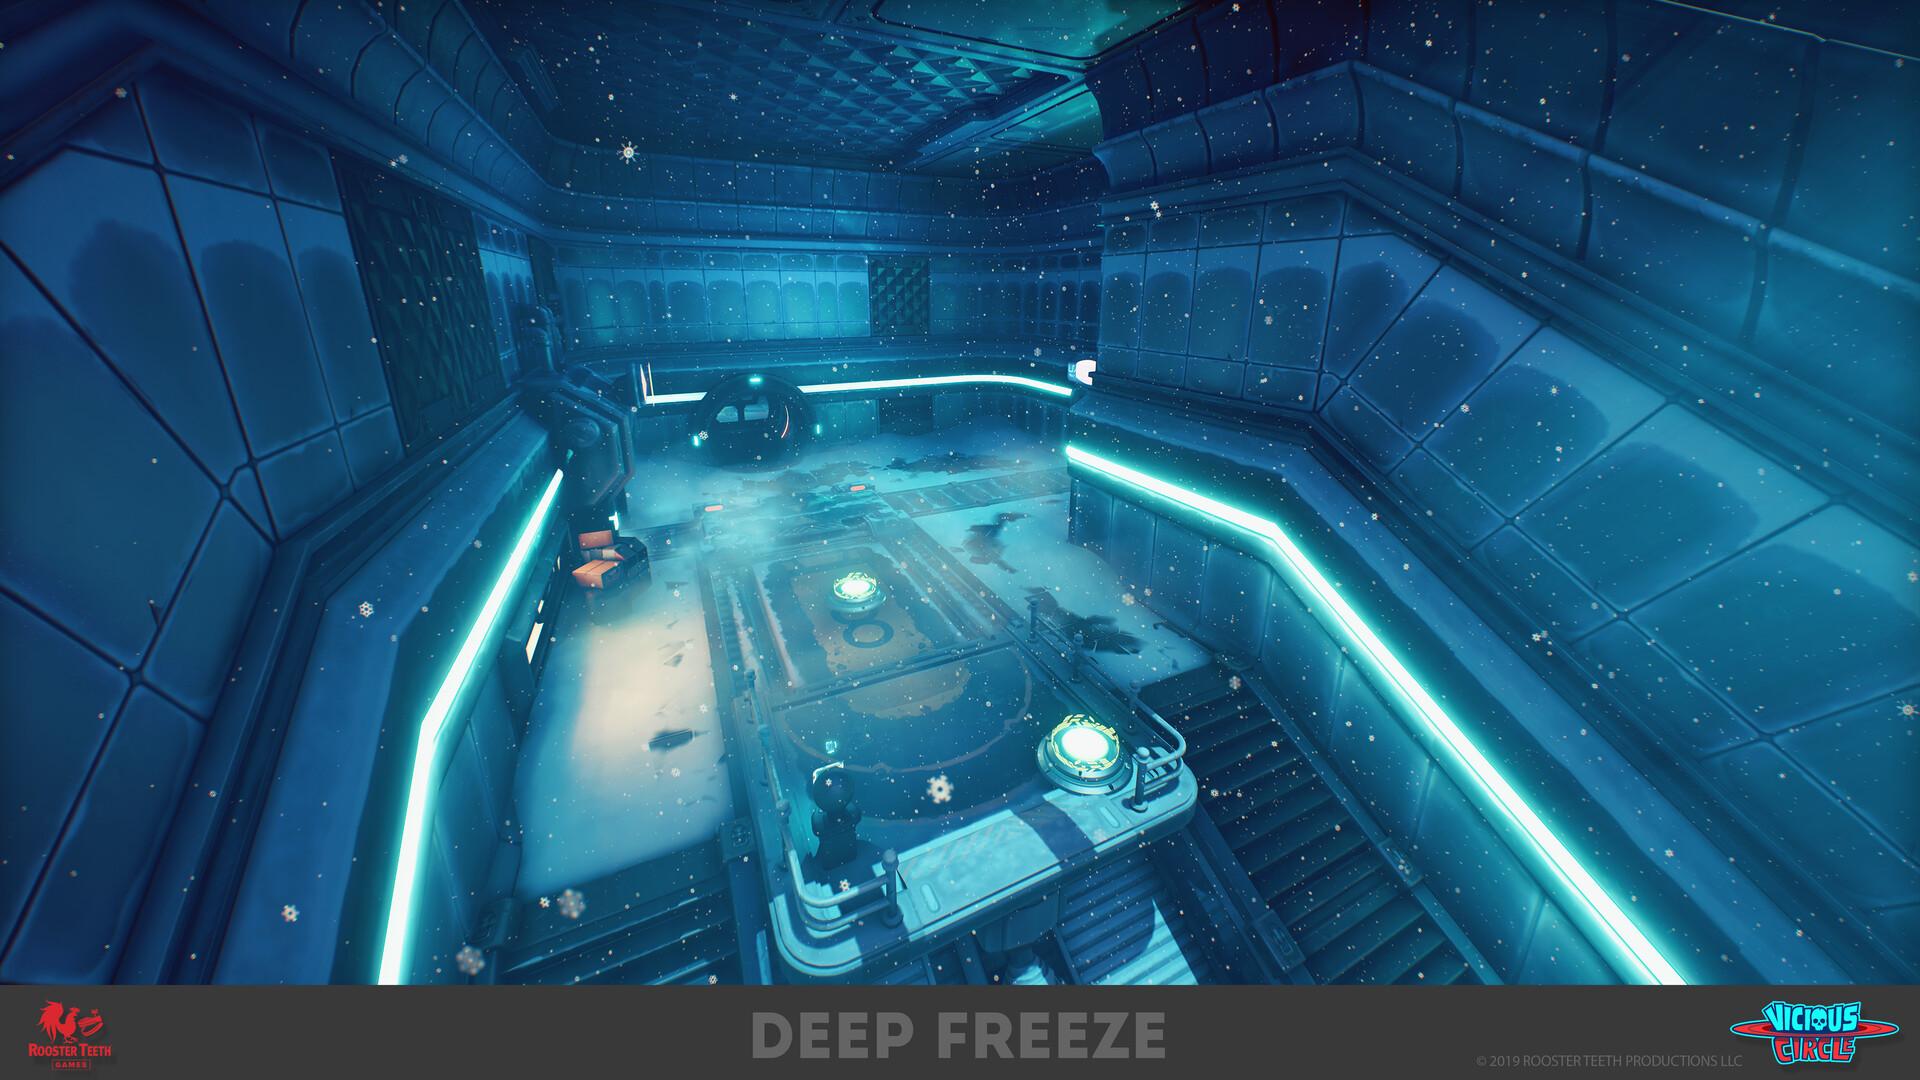 Markel milanes deep freeze renders 05